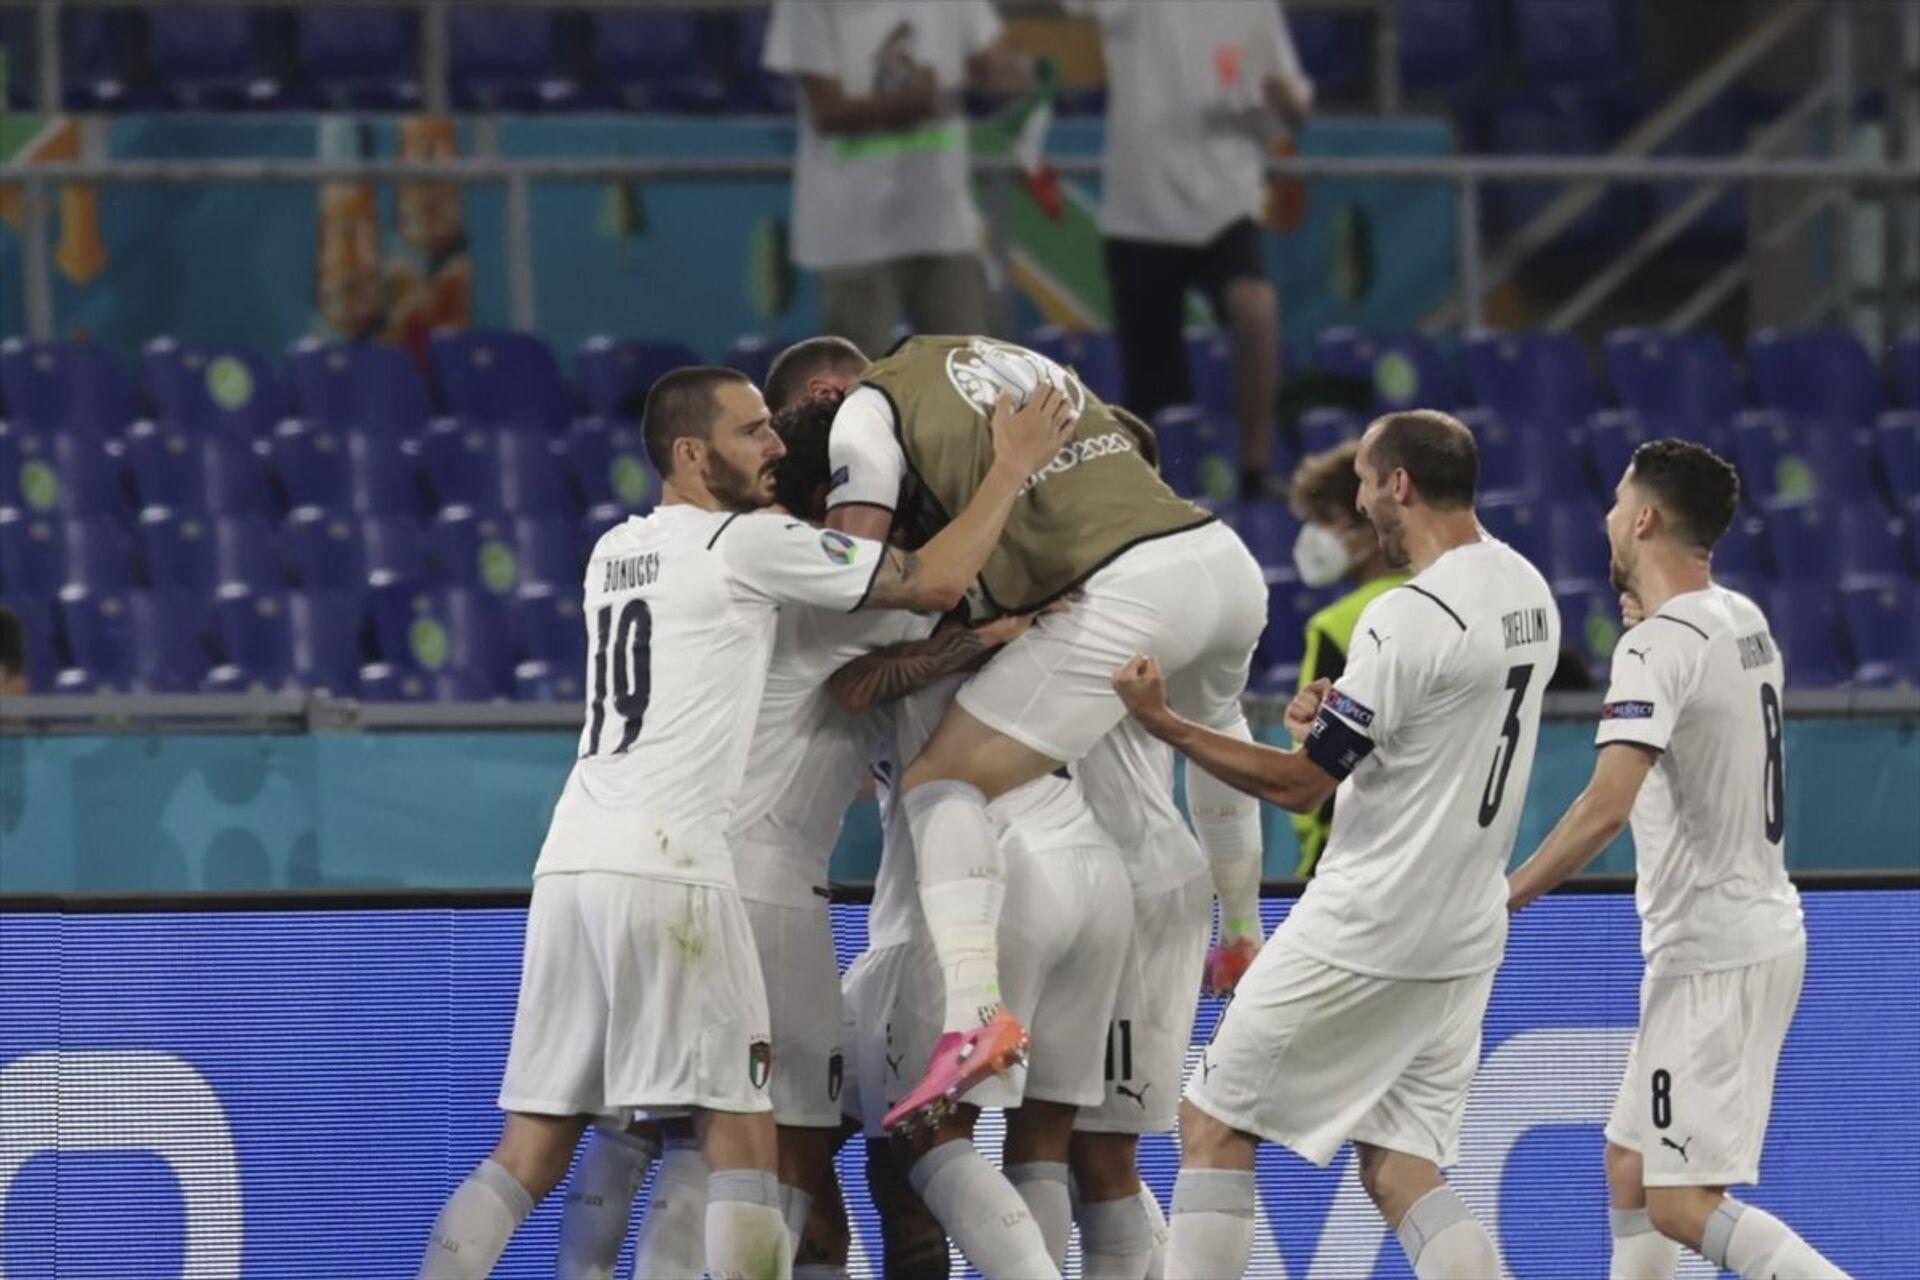 Türkiye A Milli Futbol Takımı, Roma Olimpiyat Stadı'nda İtalya ile karşılaştı. İtalya takımı gol sevinci yaşadı. - Sputnik Türkiye, 1920, 10.08.2021